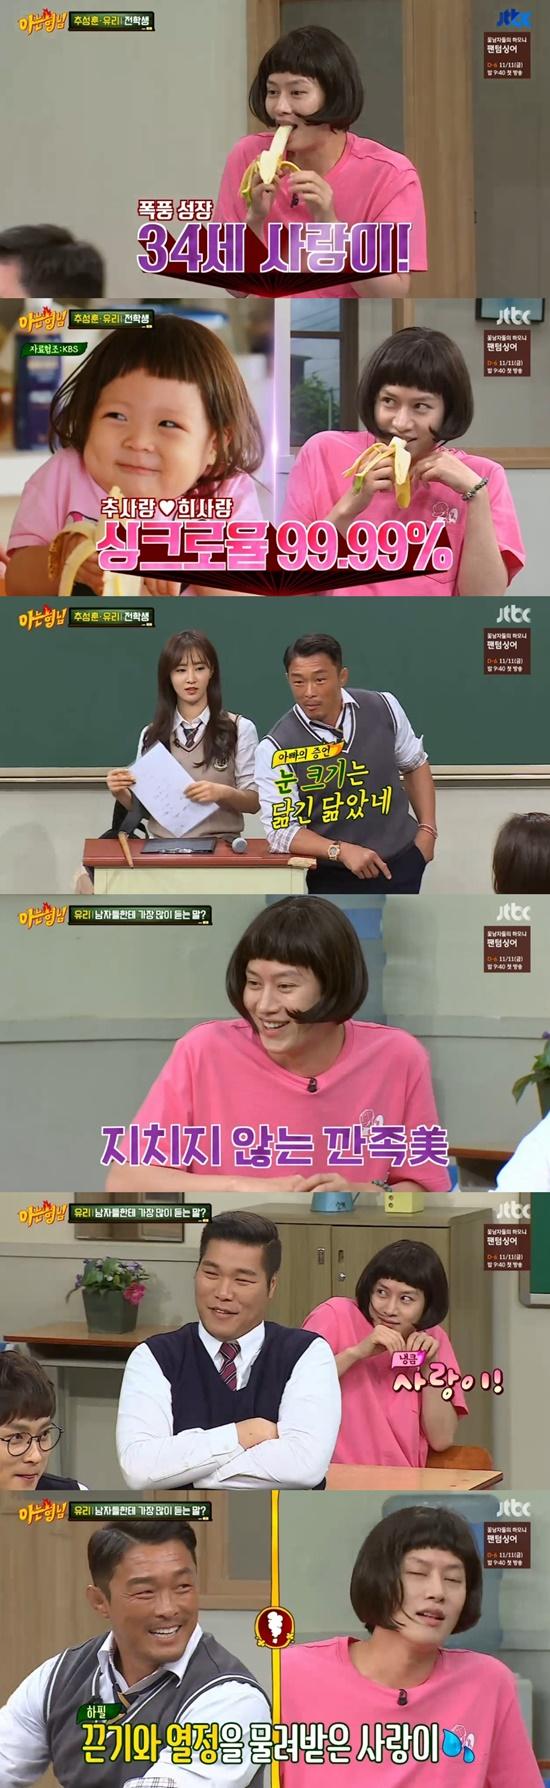 추성훈 김희철. 사진=JTBC '아는형님' 방송 캡쳐